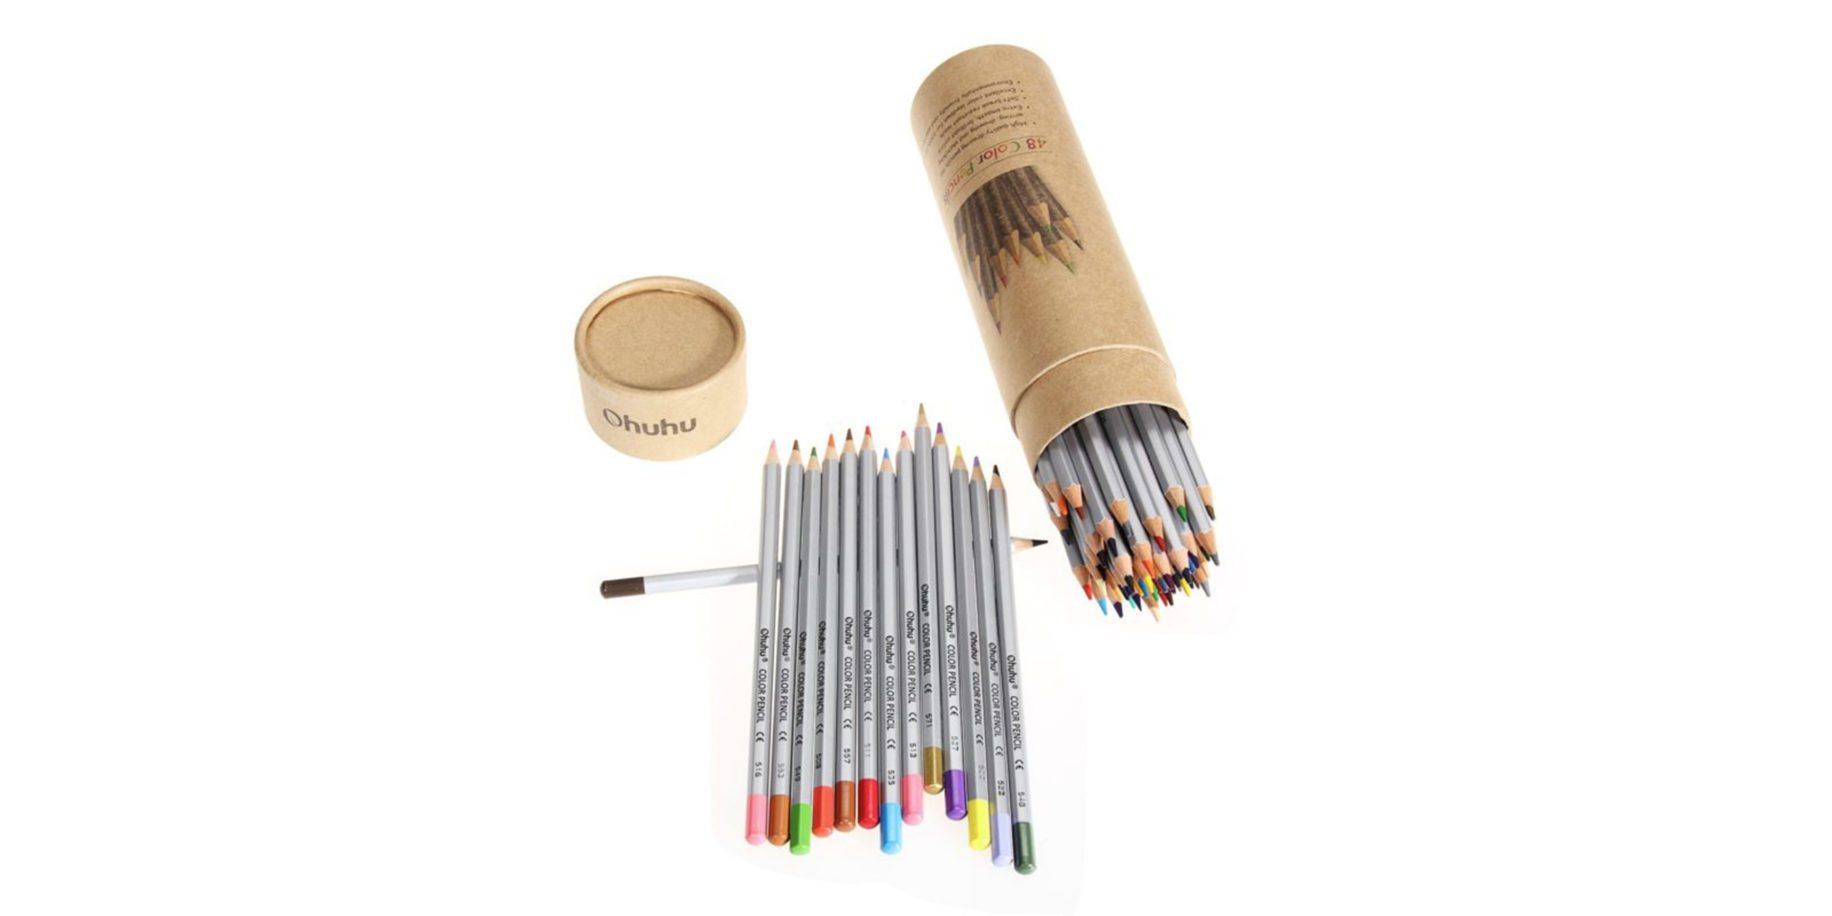 Ohuhu Colored Pencils \ Image: Ohuhu